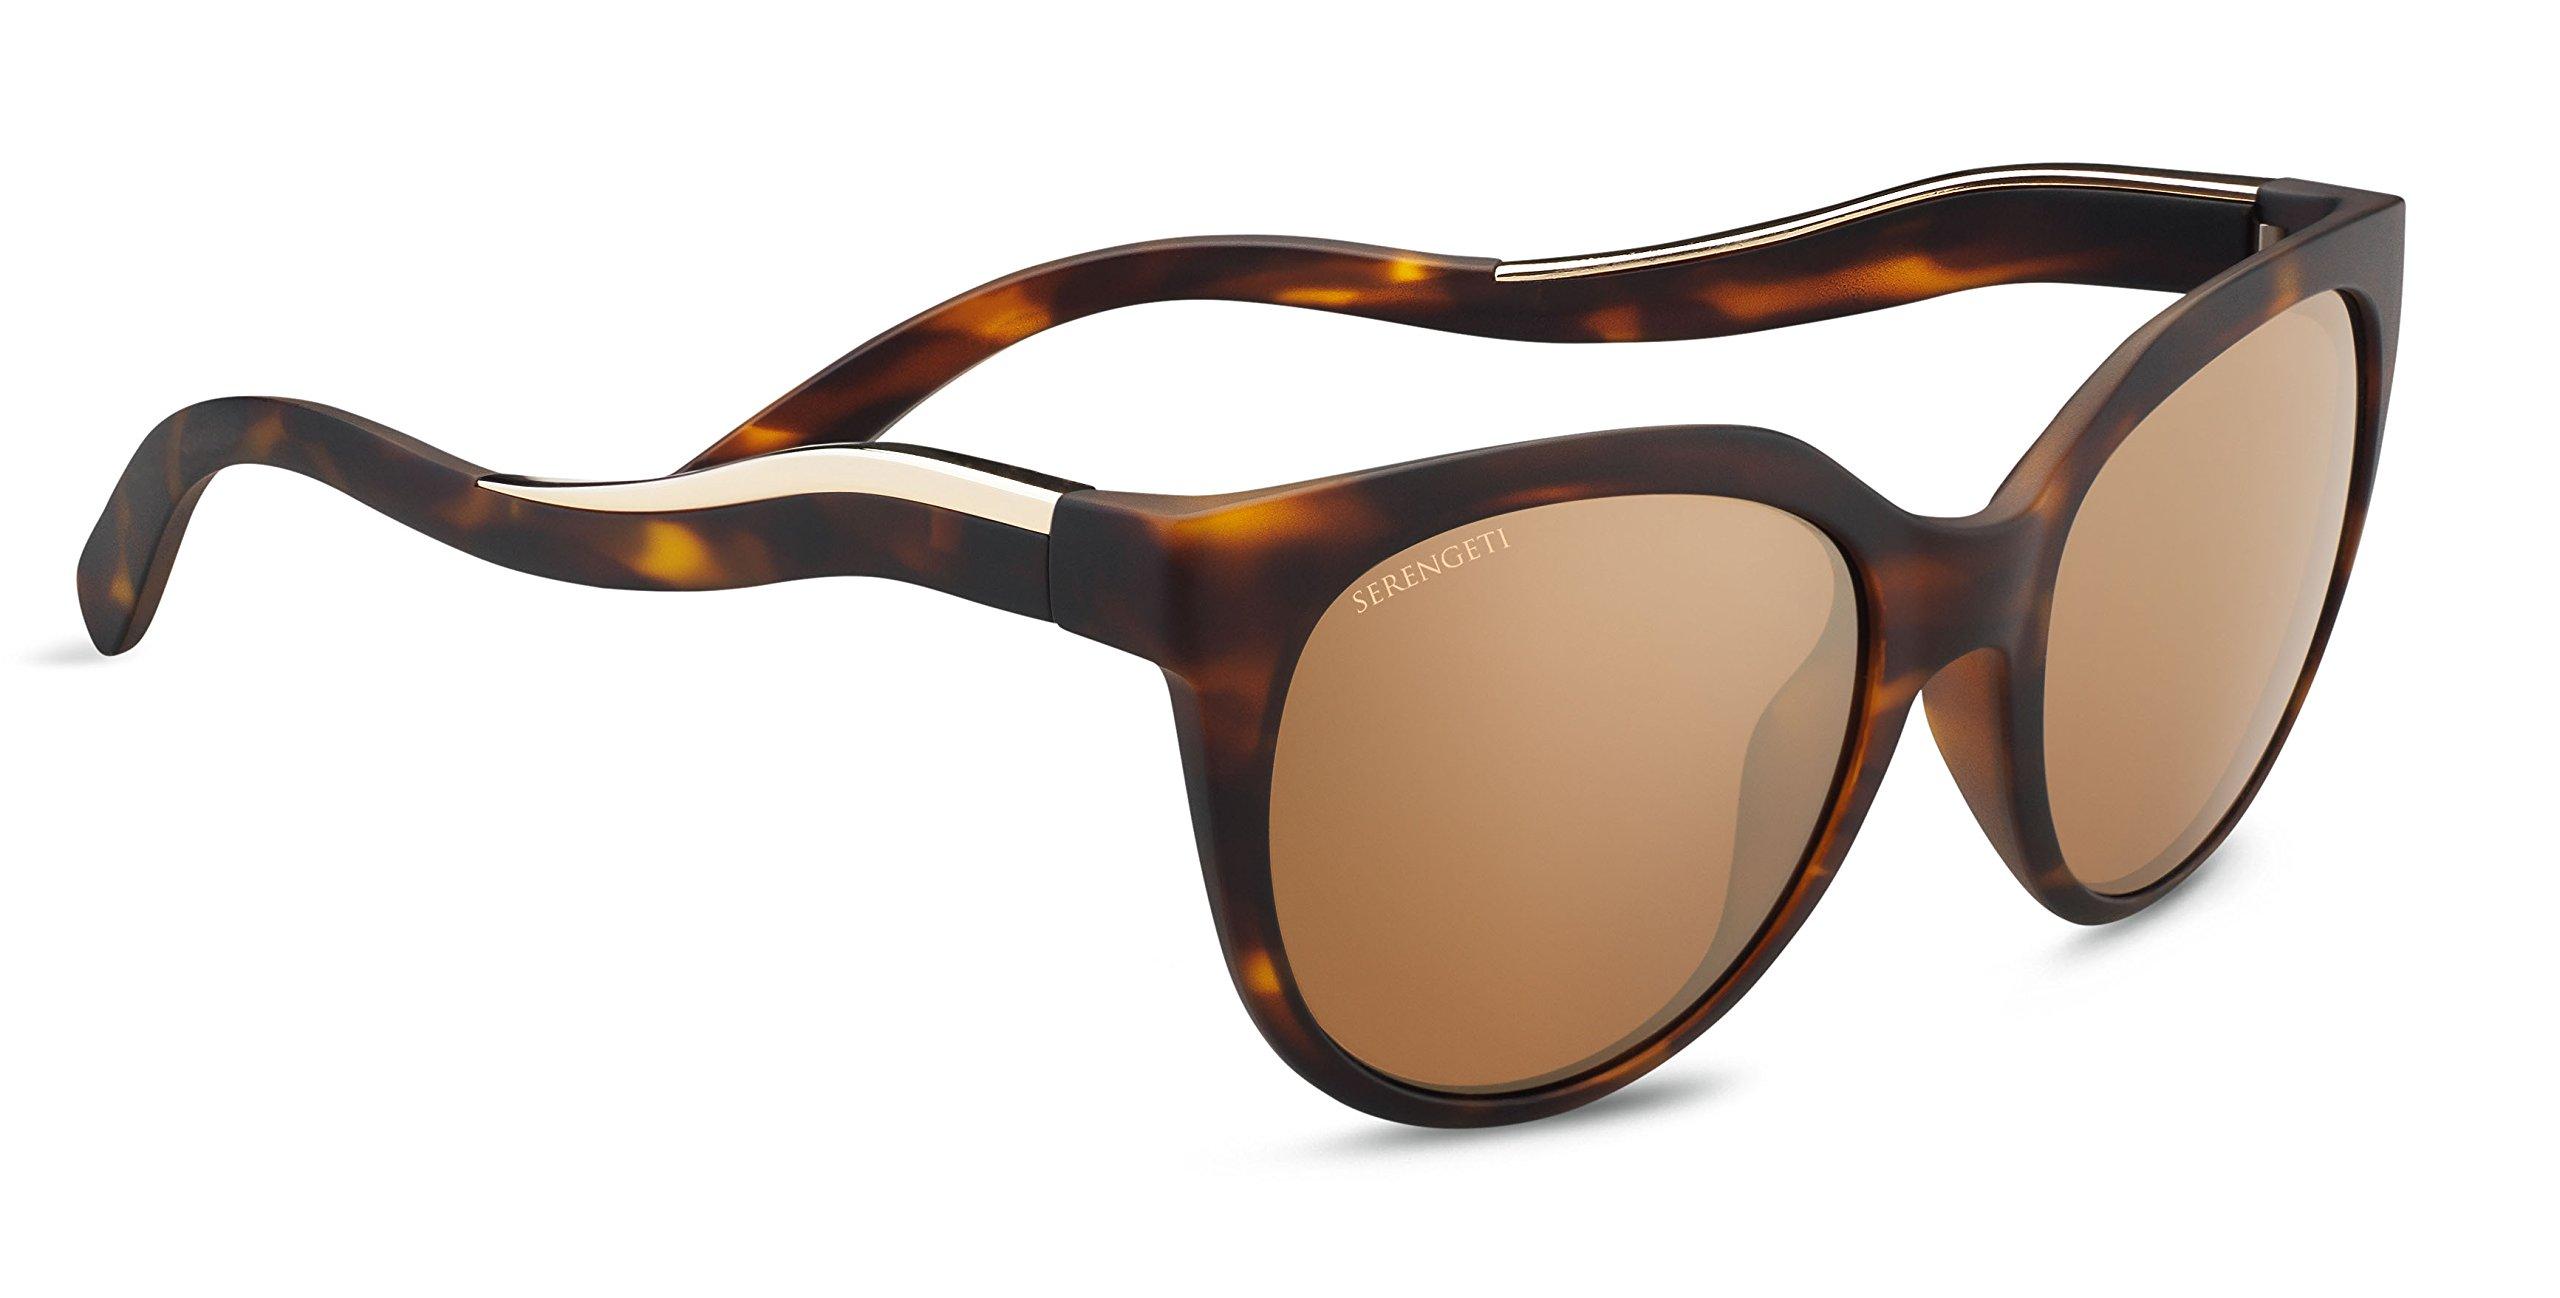 Serengeti Lia Sunglasses Satin Tortoise Frame/Shiny Champange Gold, Gold